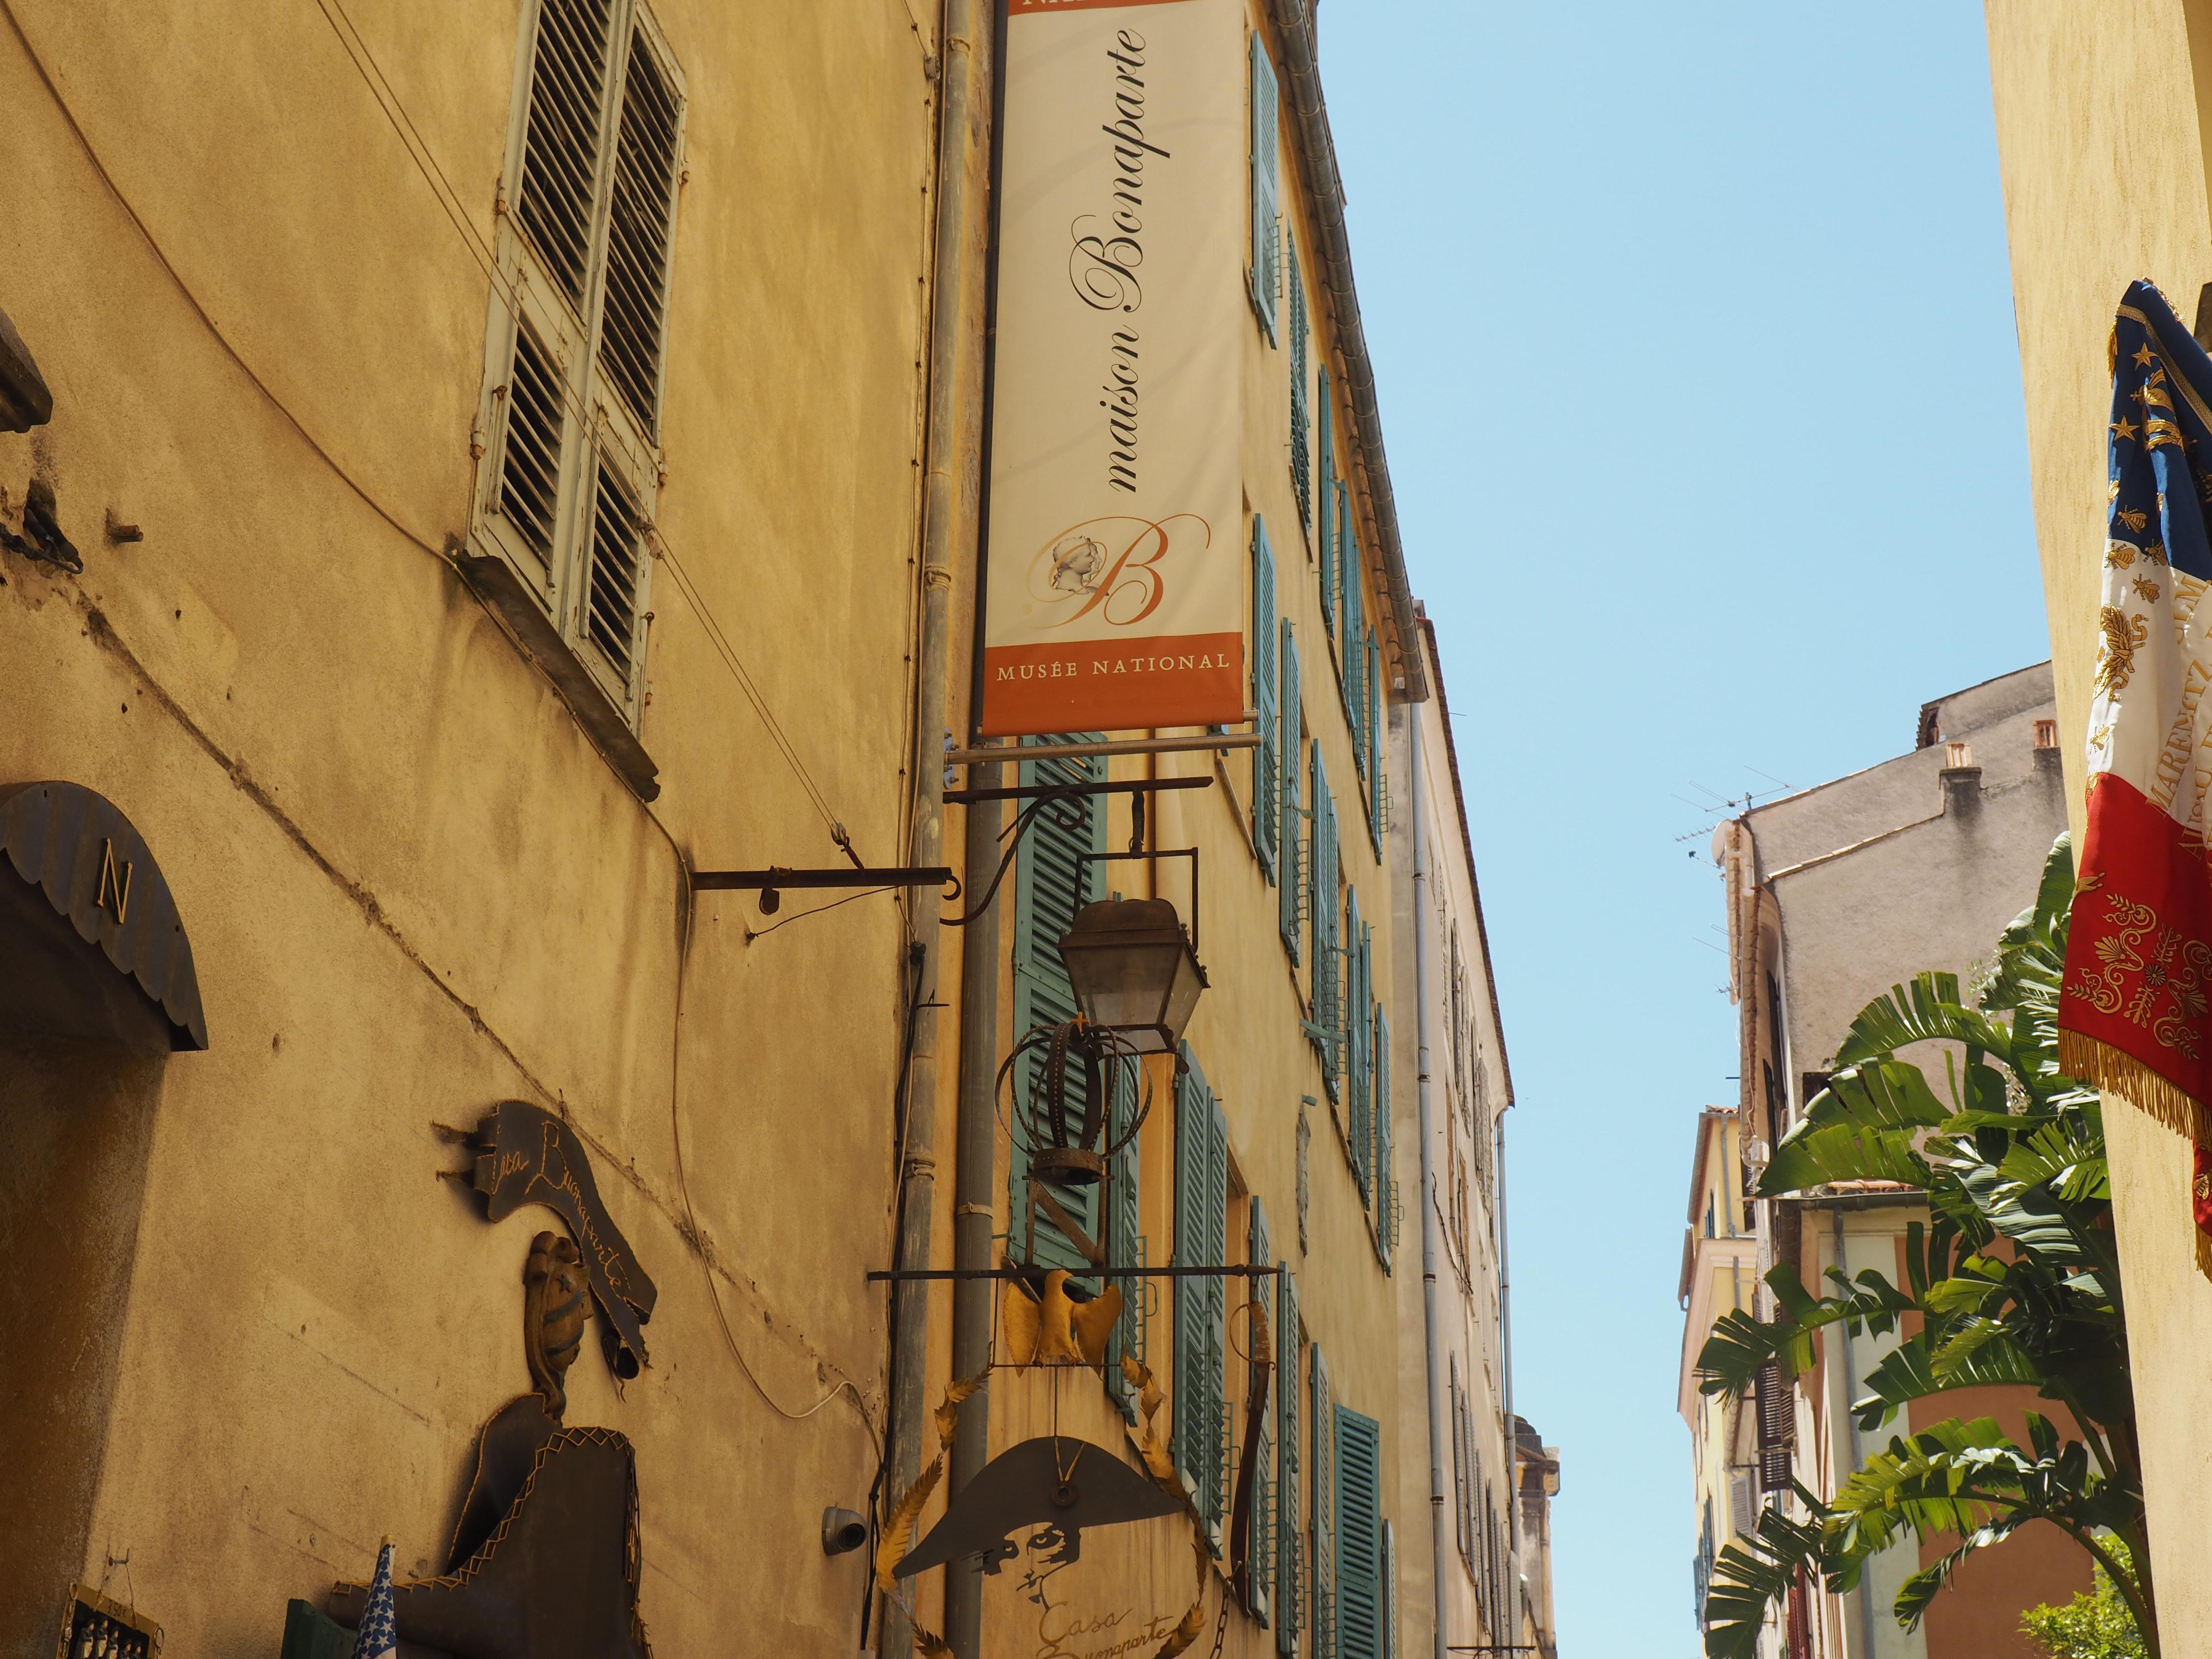 Das Geburtshaus von Napoleon Bonaparte, versteckt in einer Seitengasse von Ajaccio auf Korsika